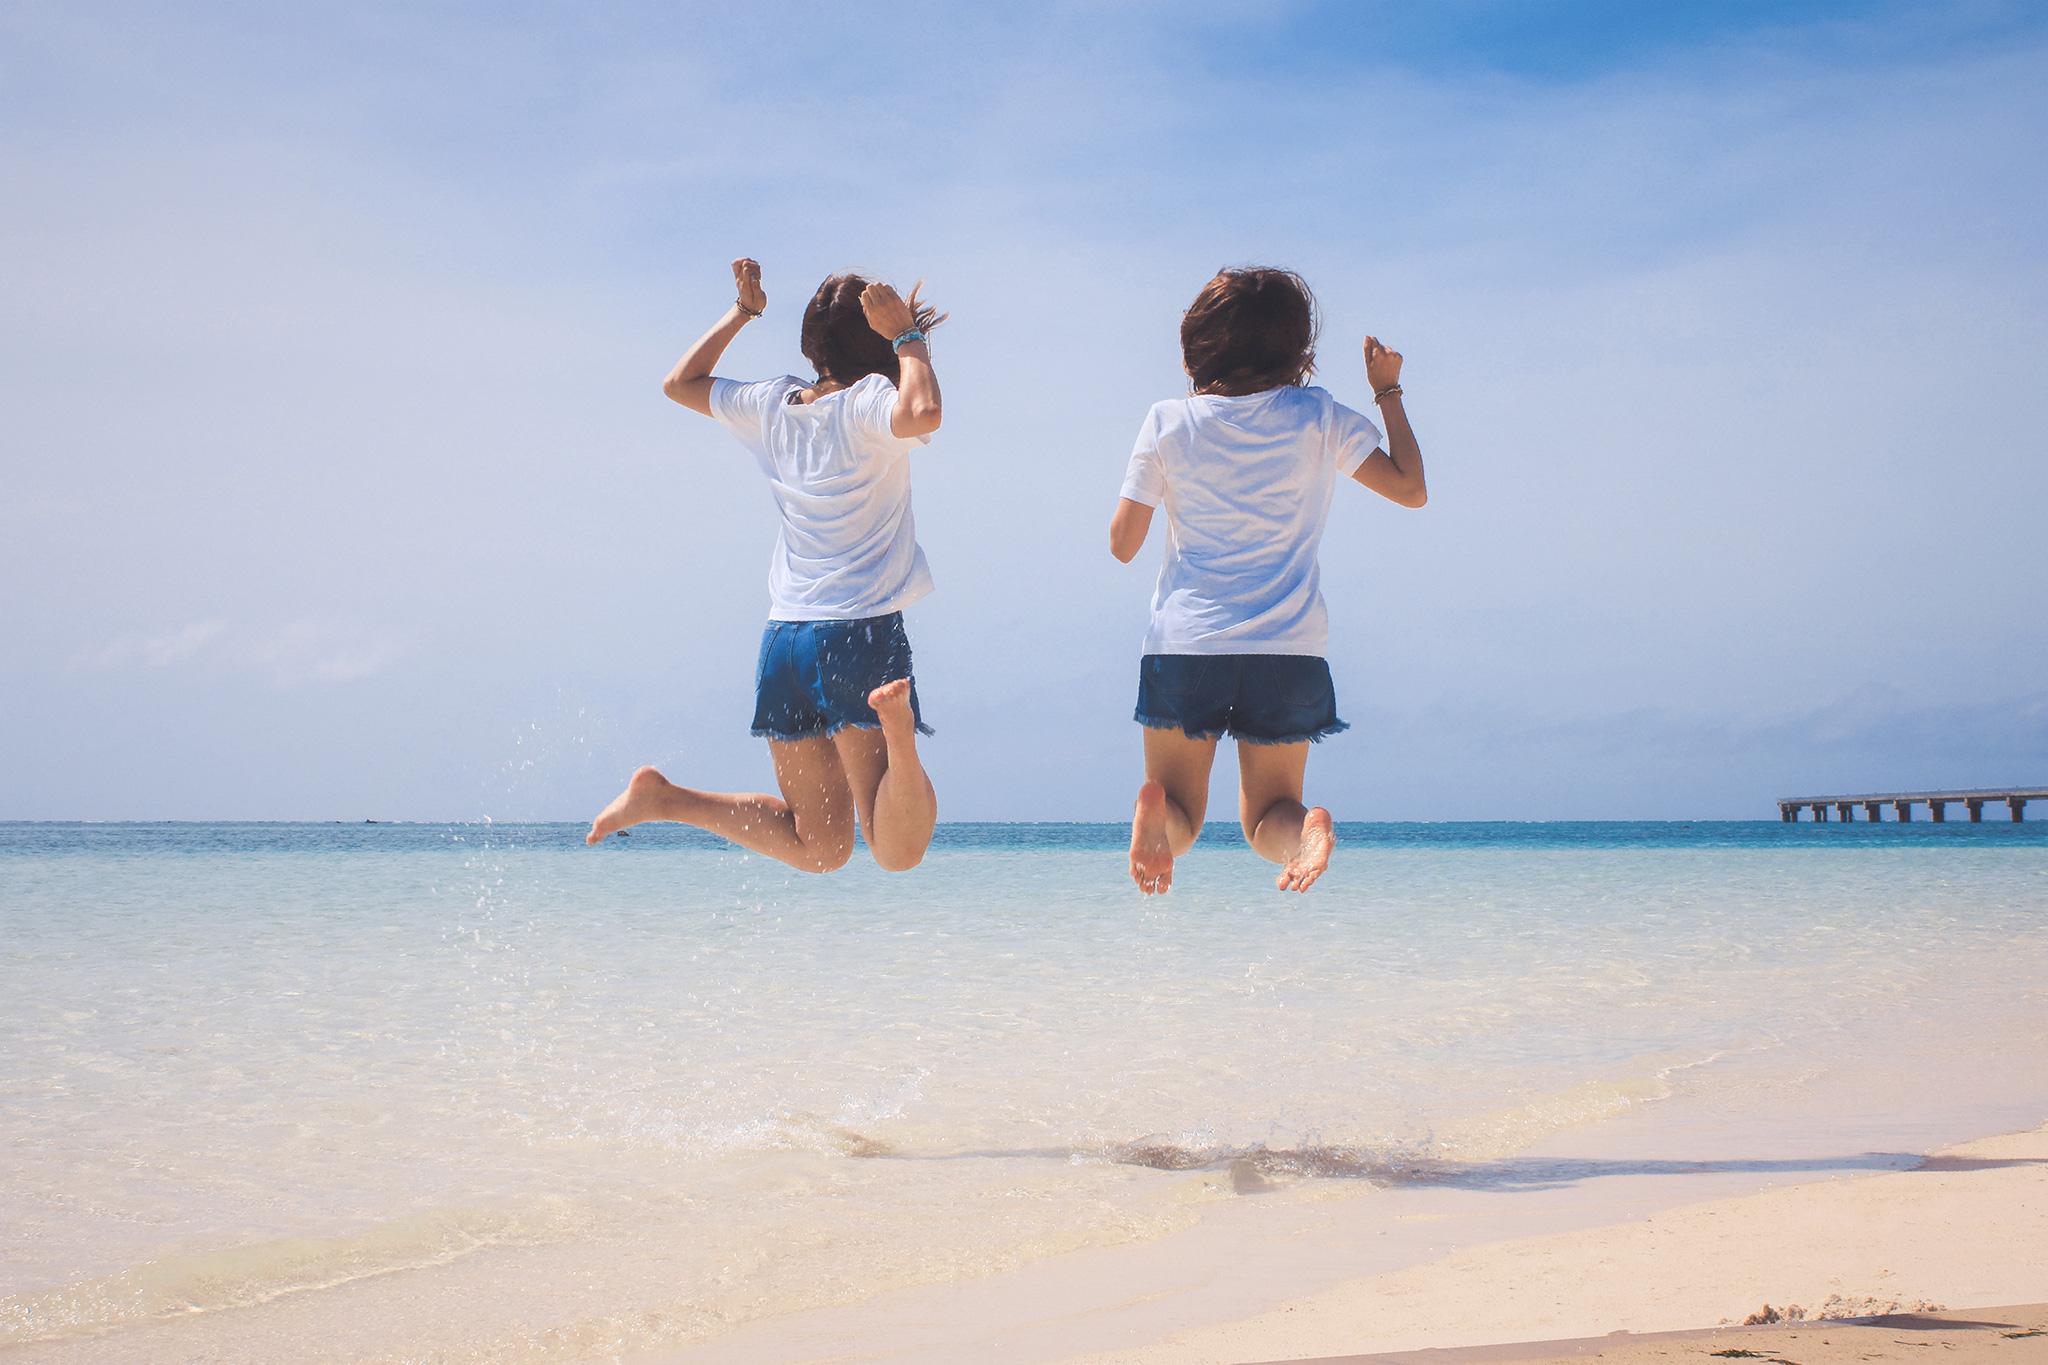 Tシャツショーパン素足でジャンプする女子2人